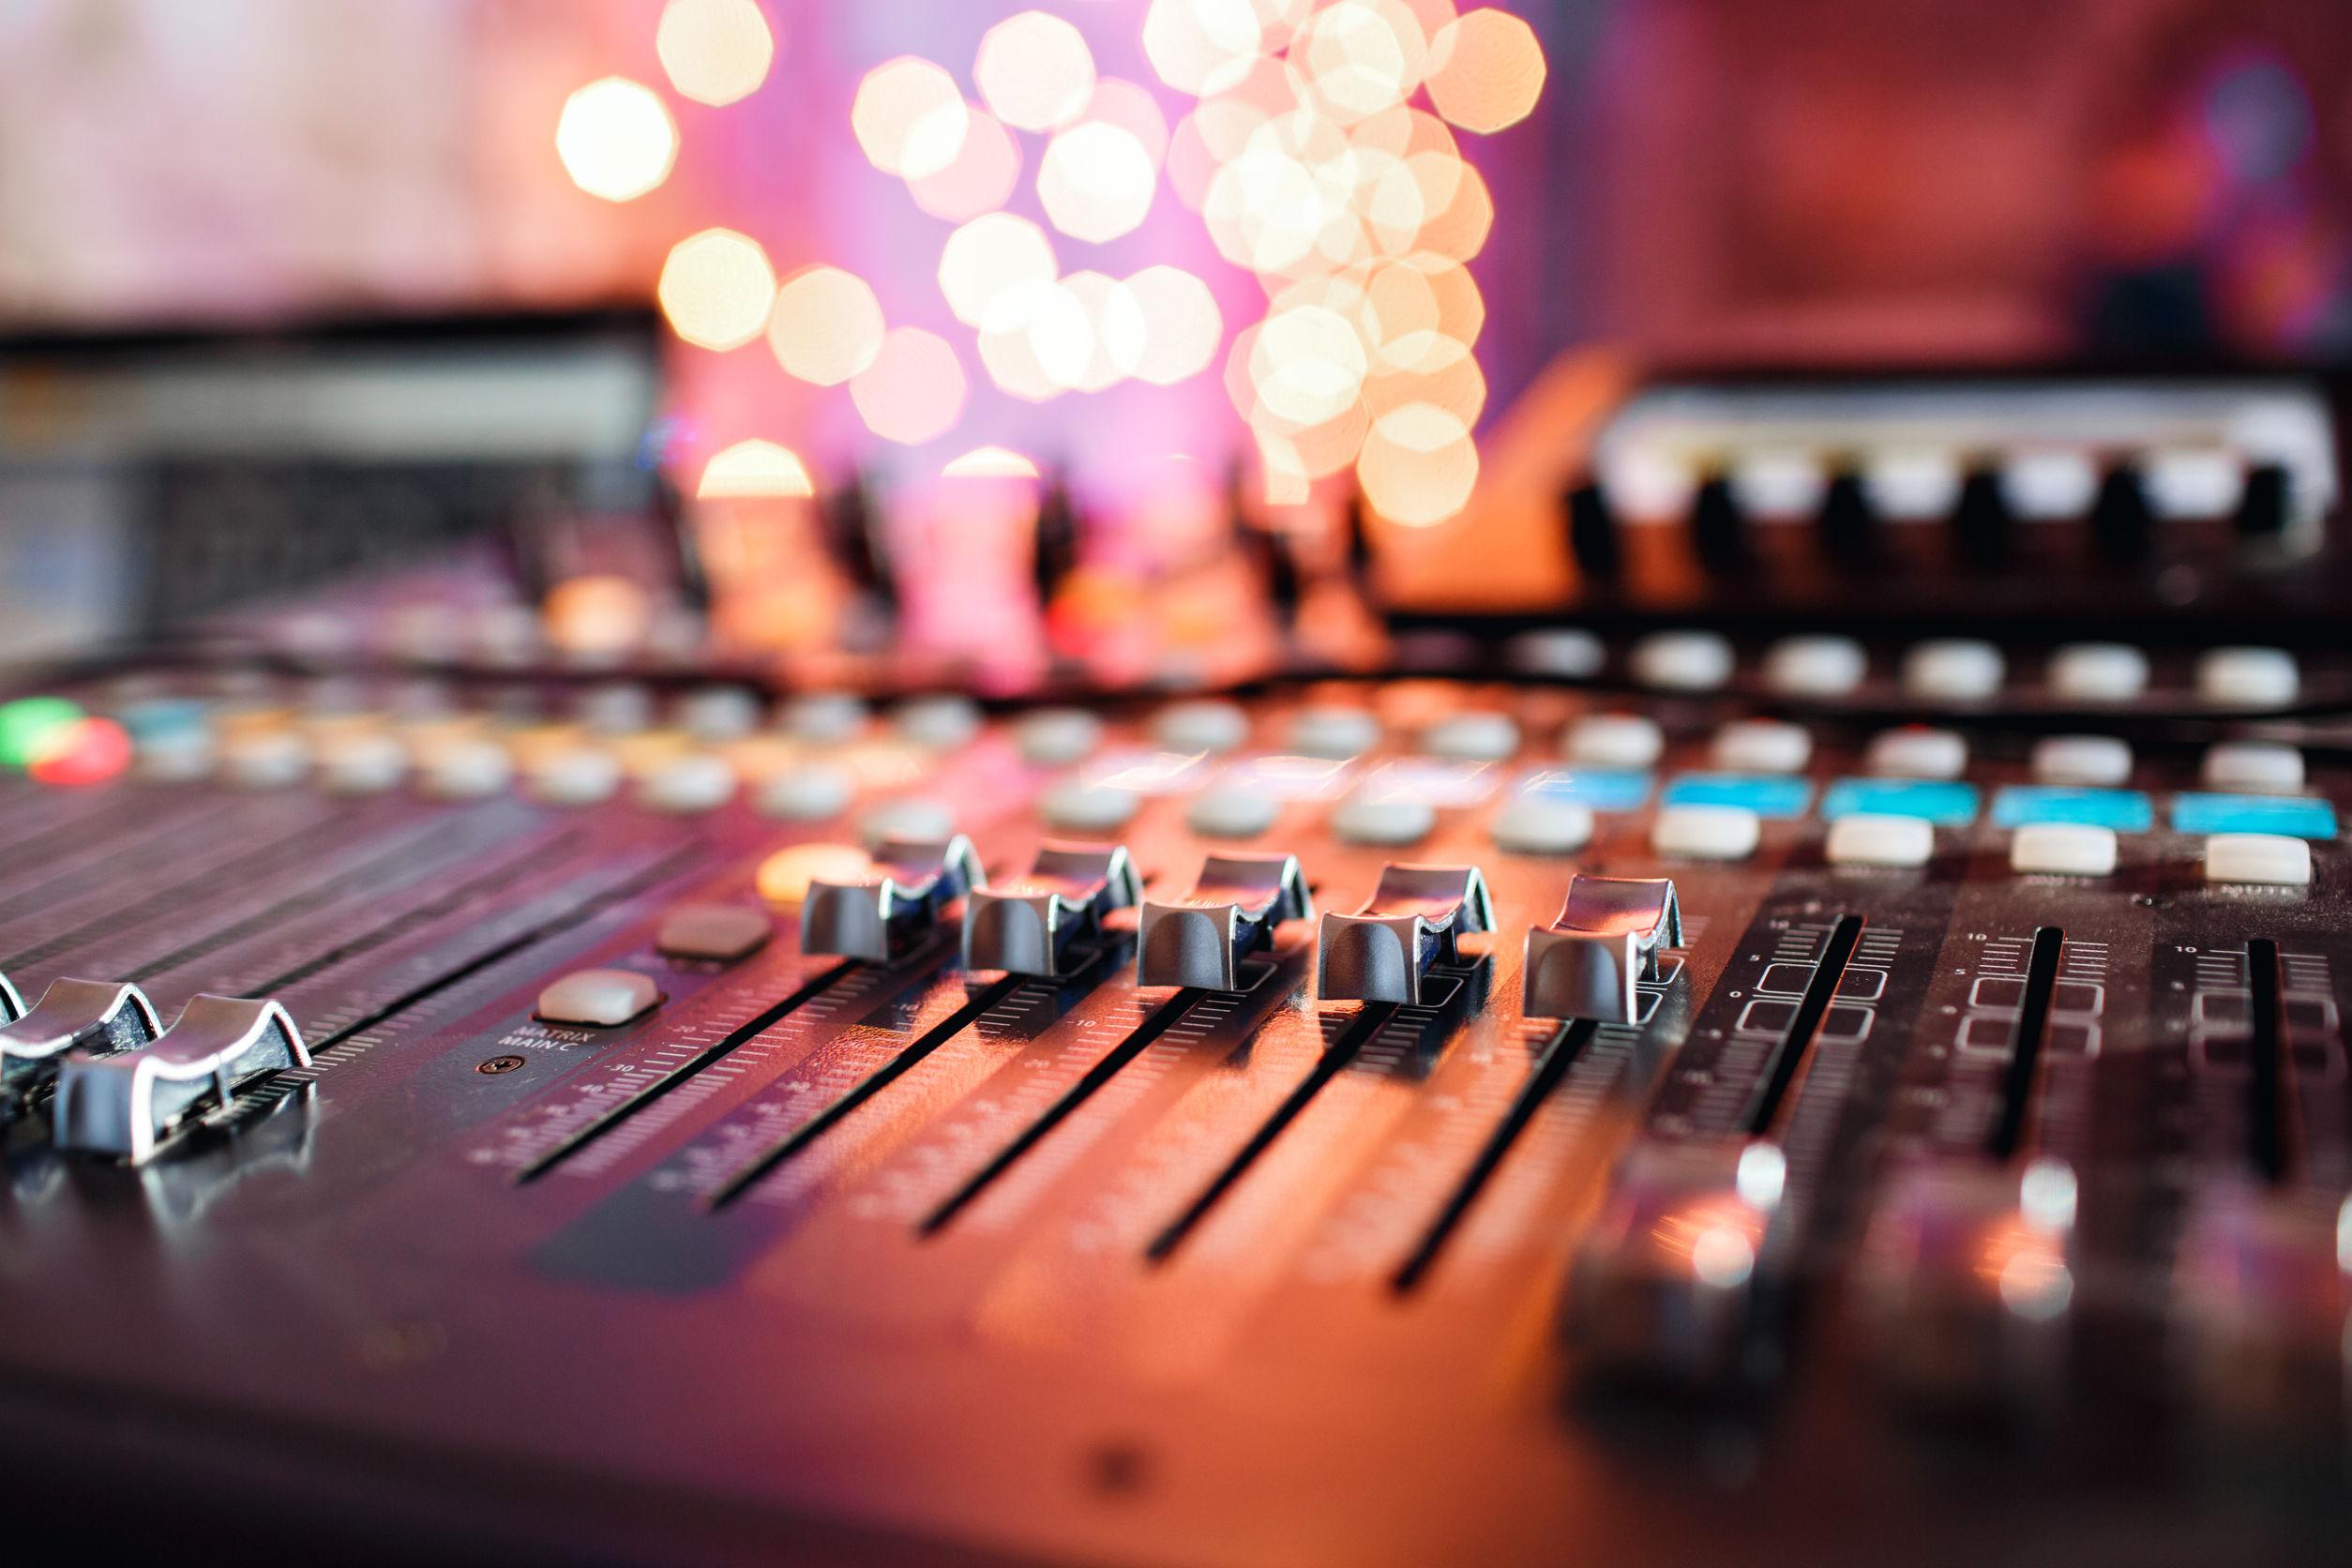 Reçois des instru rap à utiliser dans ton projet d'album ou de mixtape. Réalise ta demo facilement